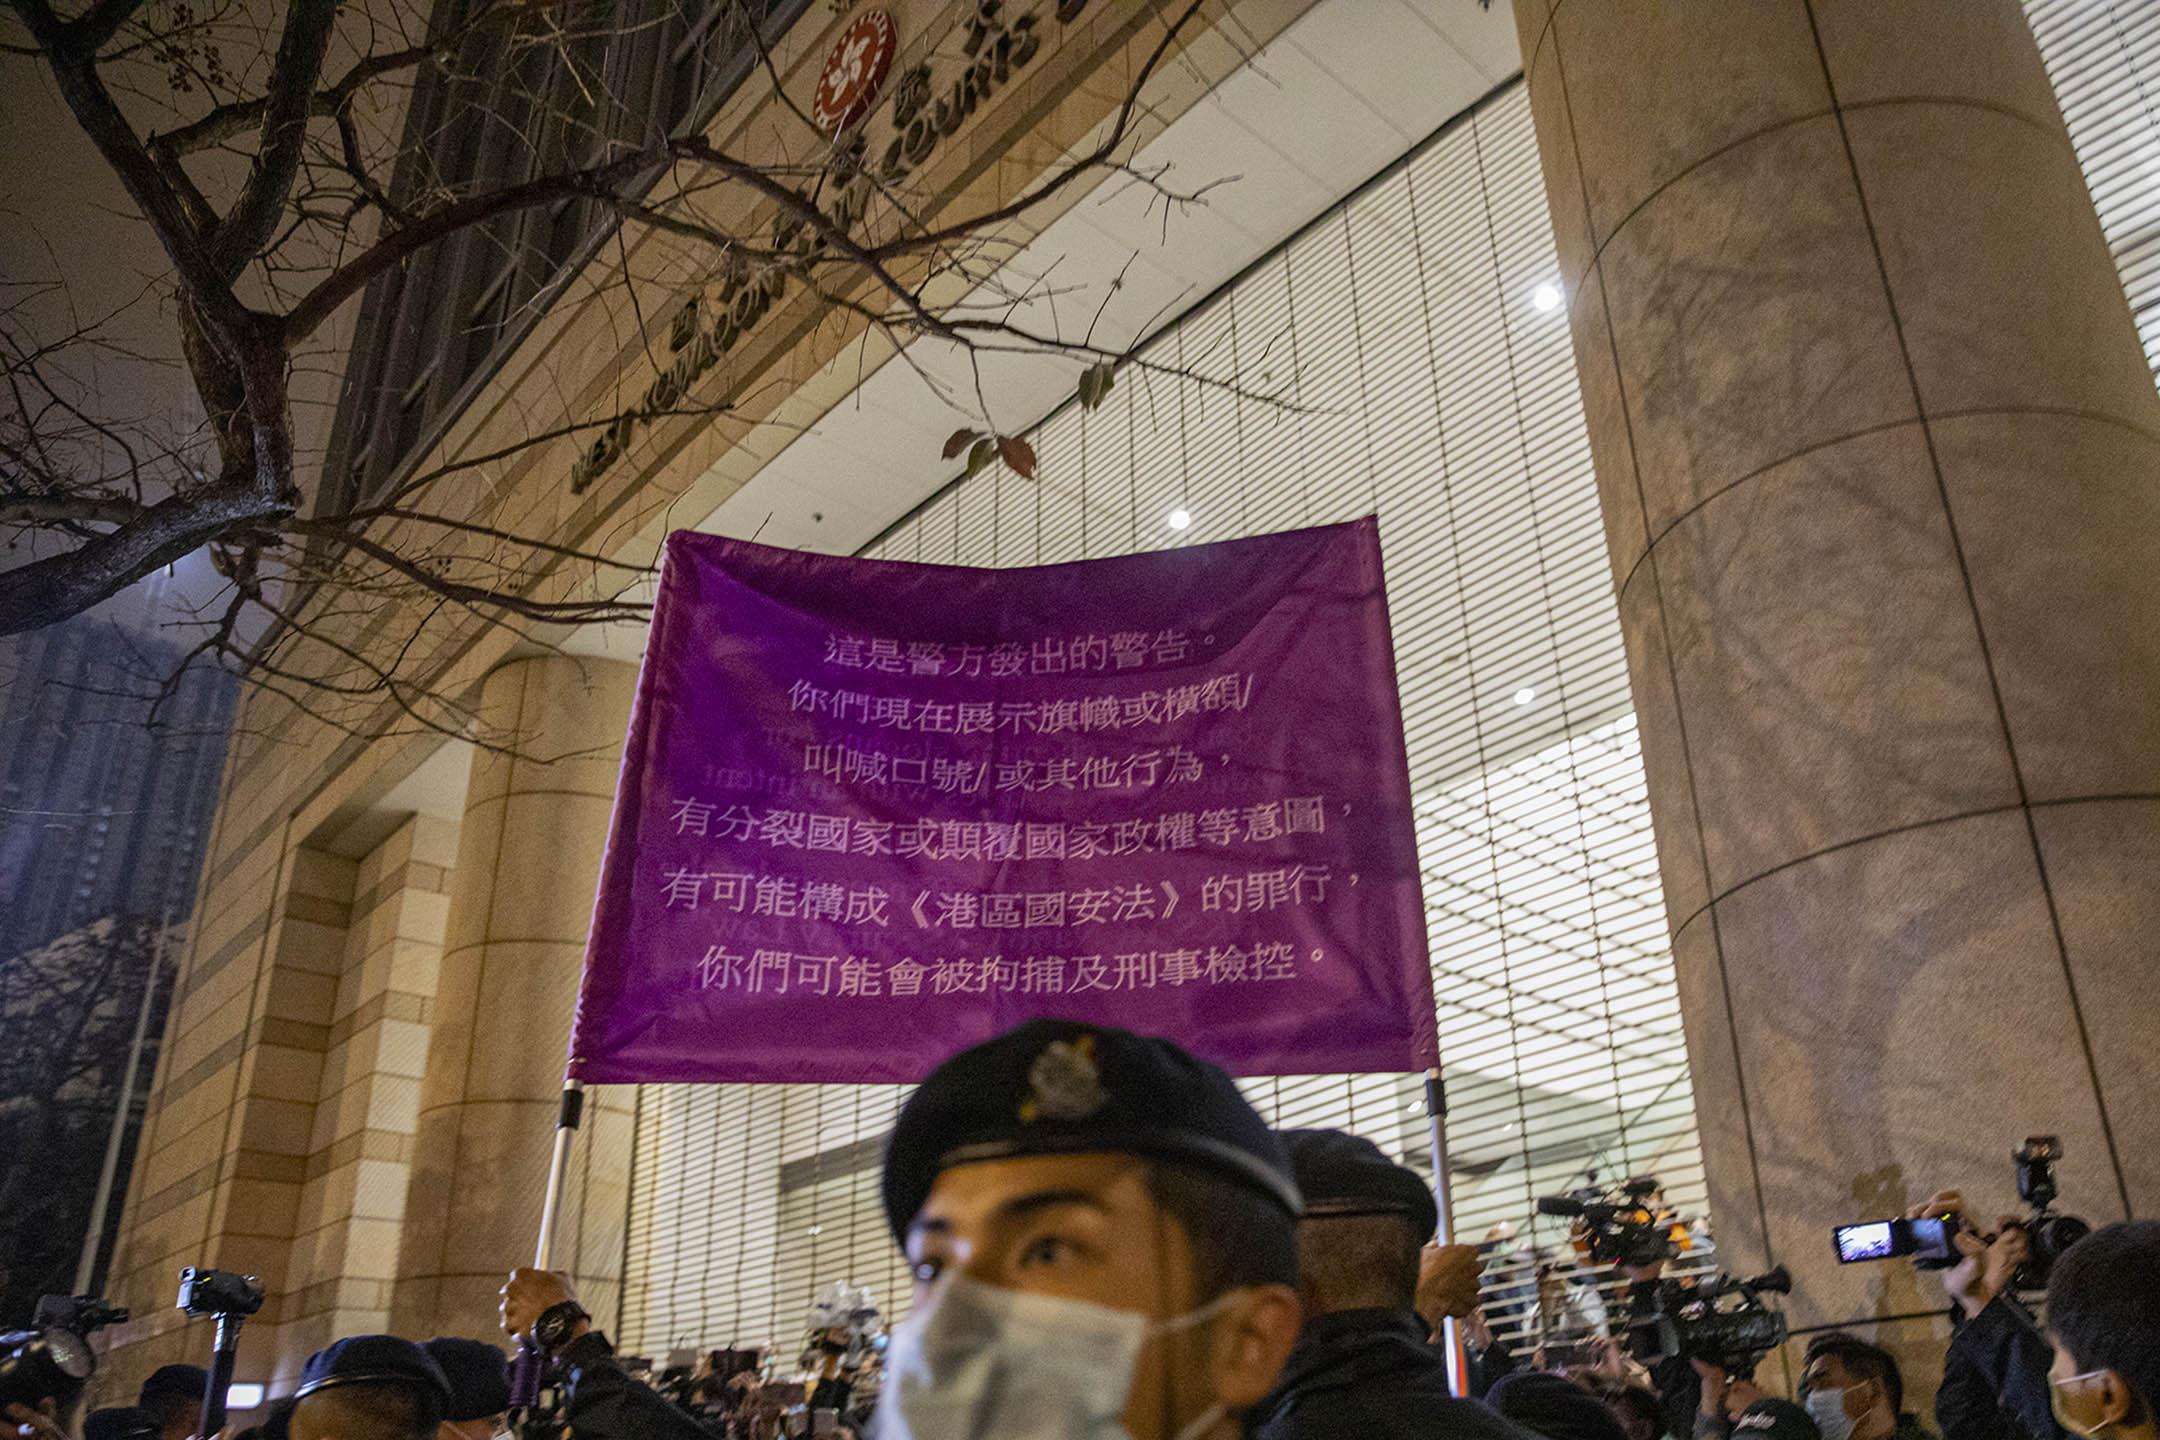 2021年3月4日西九龍裁判法院,市民在法院外聲援各被告,警方出示紫旗驅散。